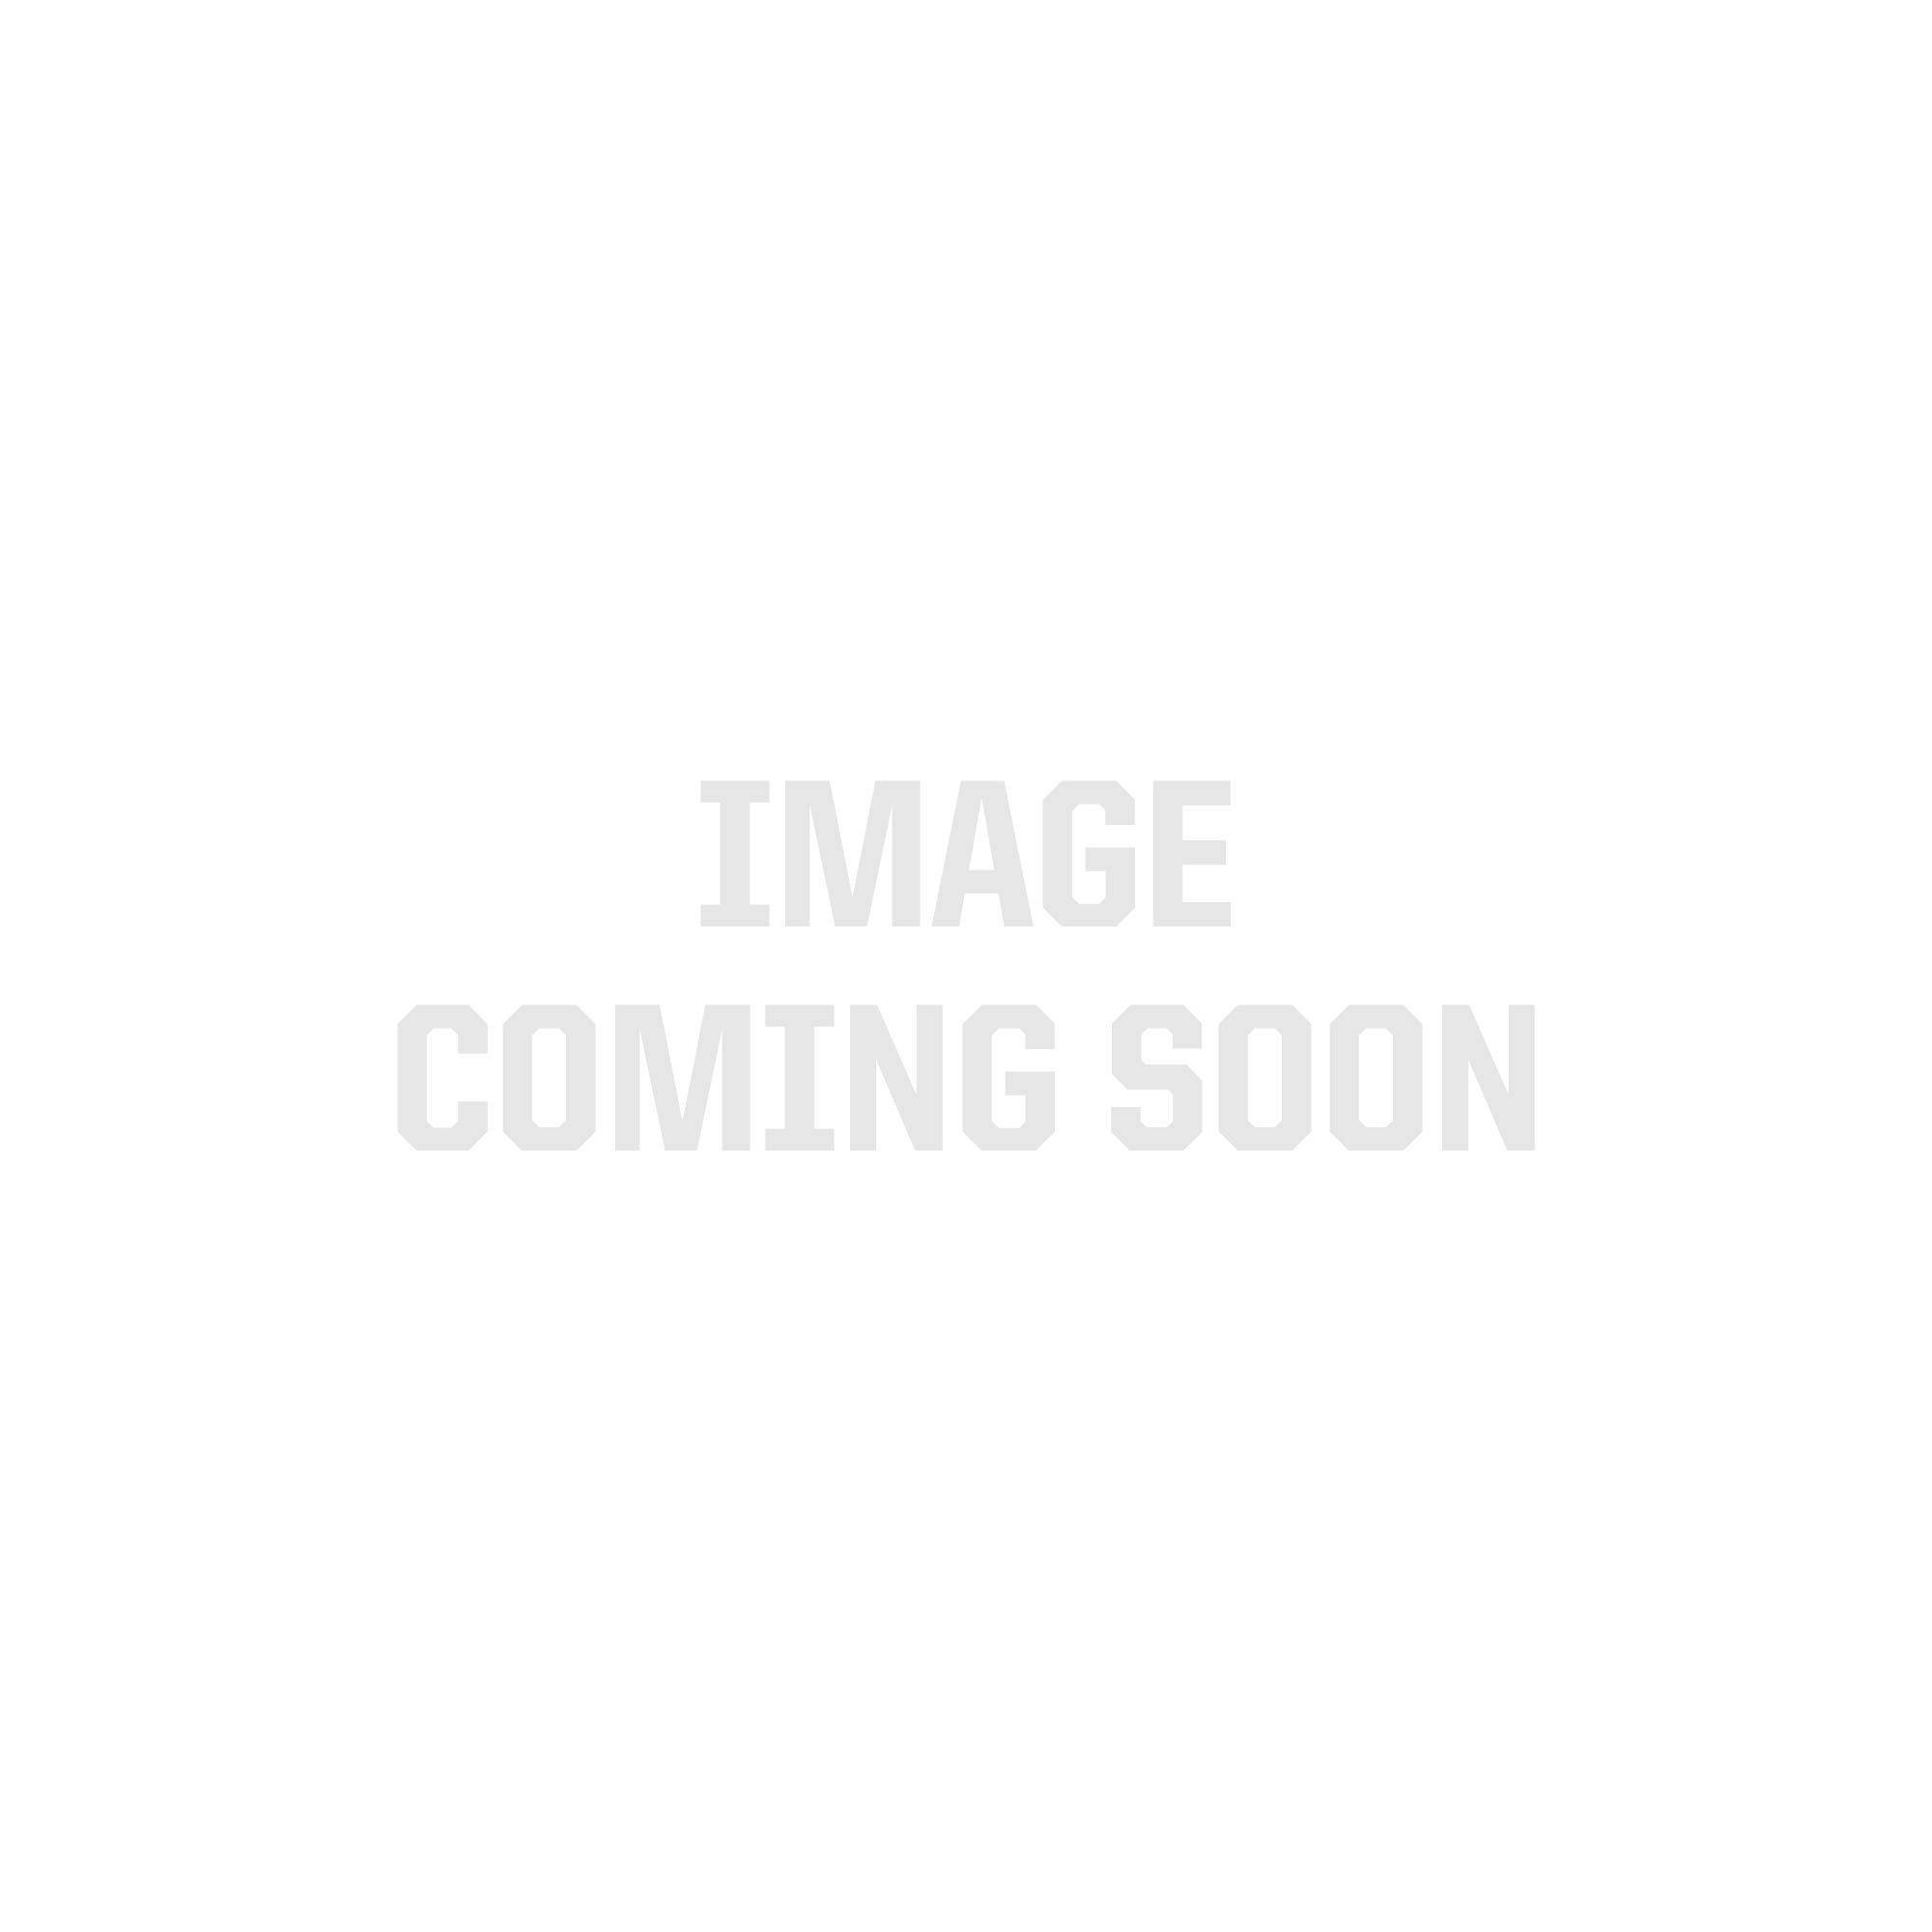 5.11 RECON® Triad Top - Long Sleeve